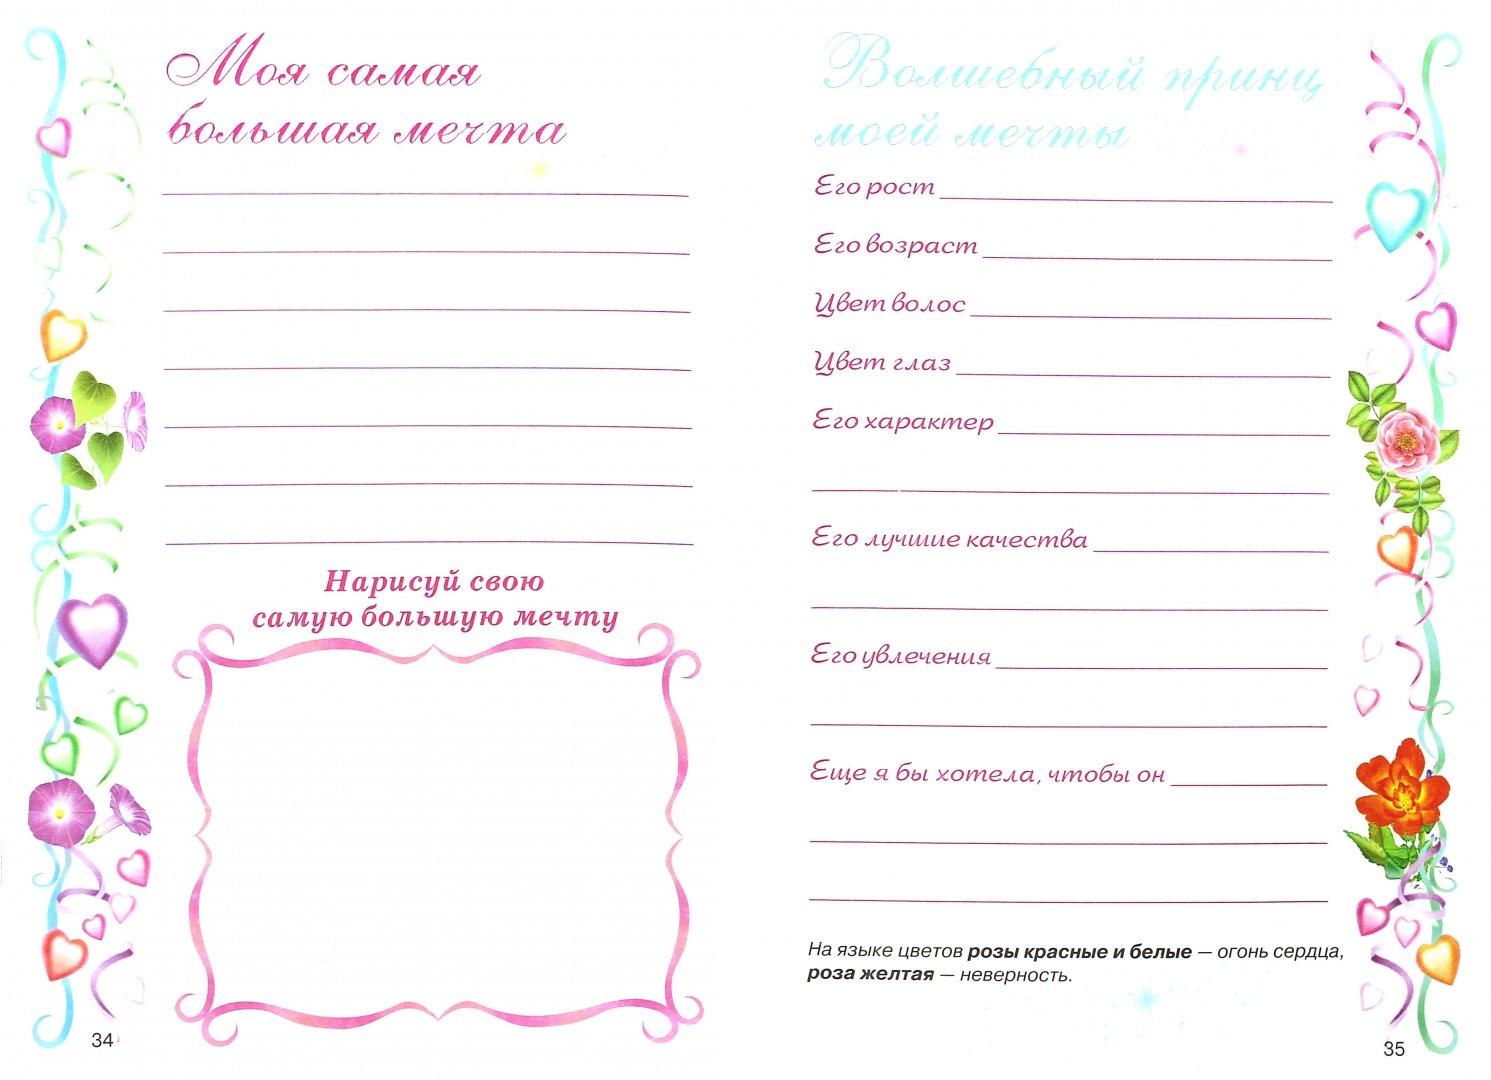 описания распечатать картинки для личного дневника анкеты нарежьте кольцами, морковь